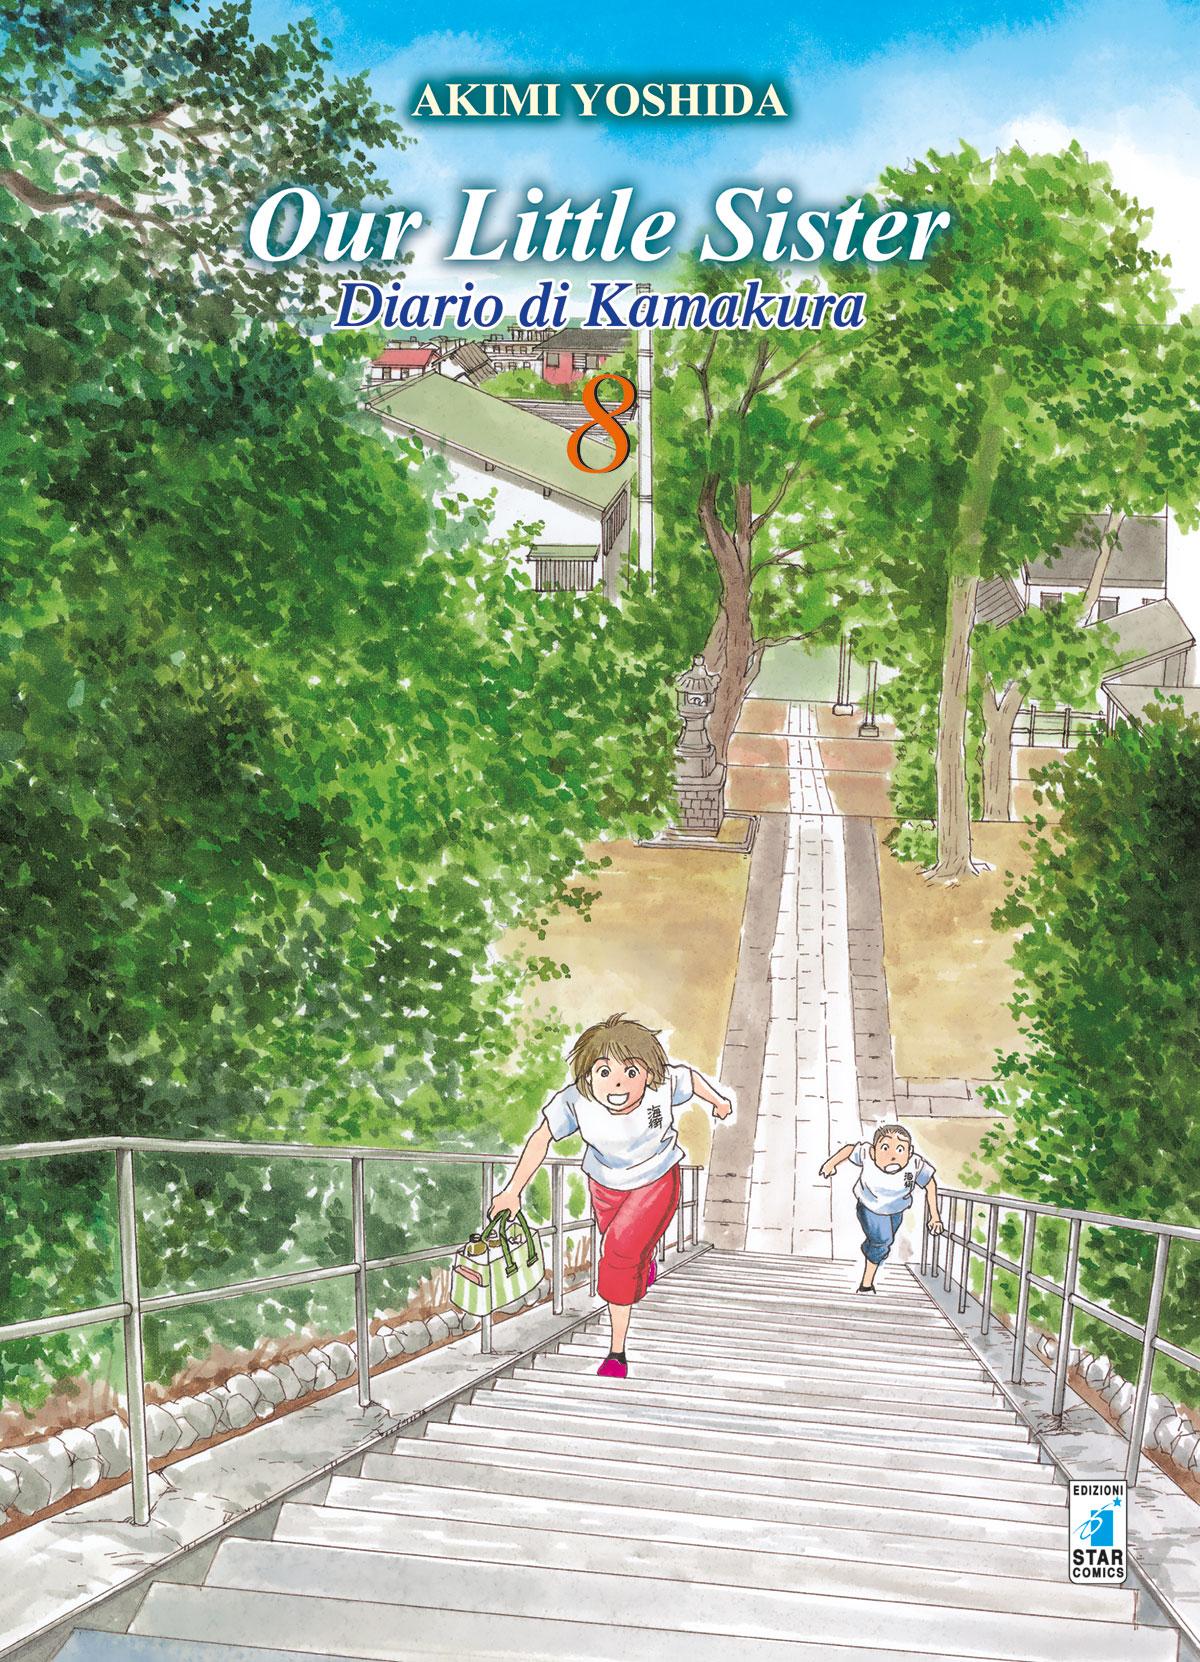 Our Little Sister - Diario di Kamakura vol. 8